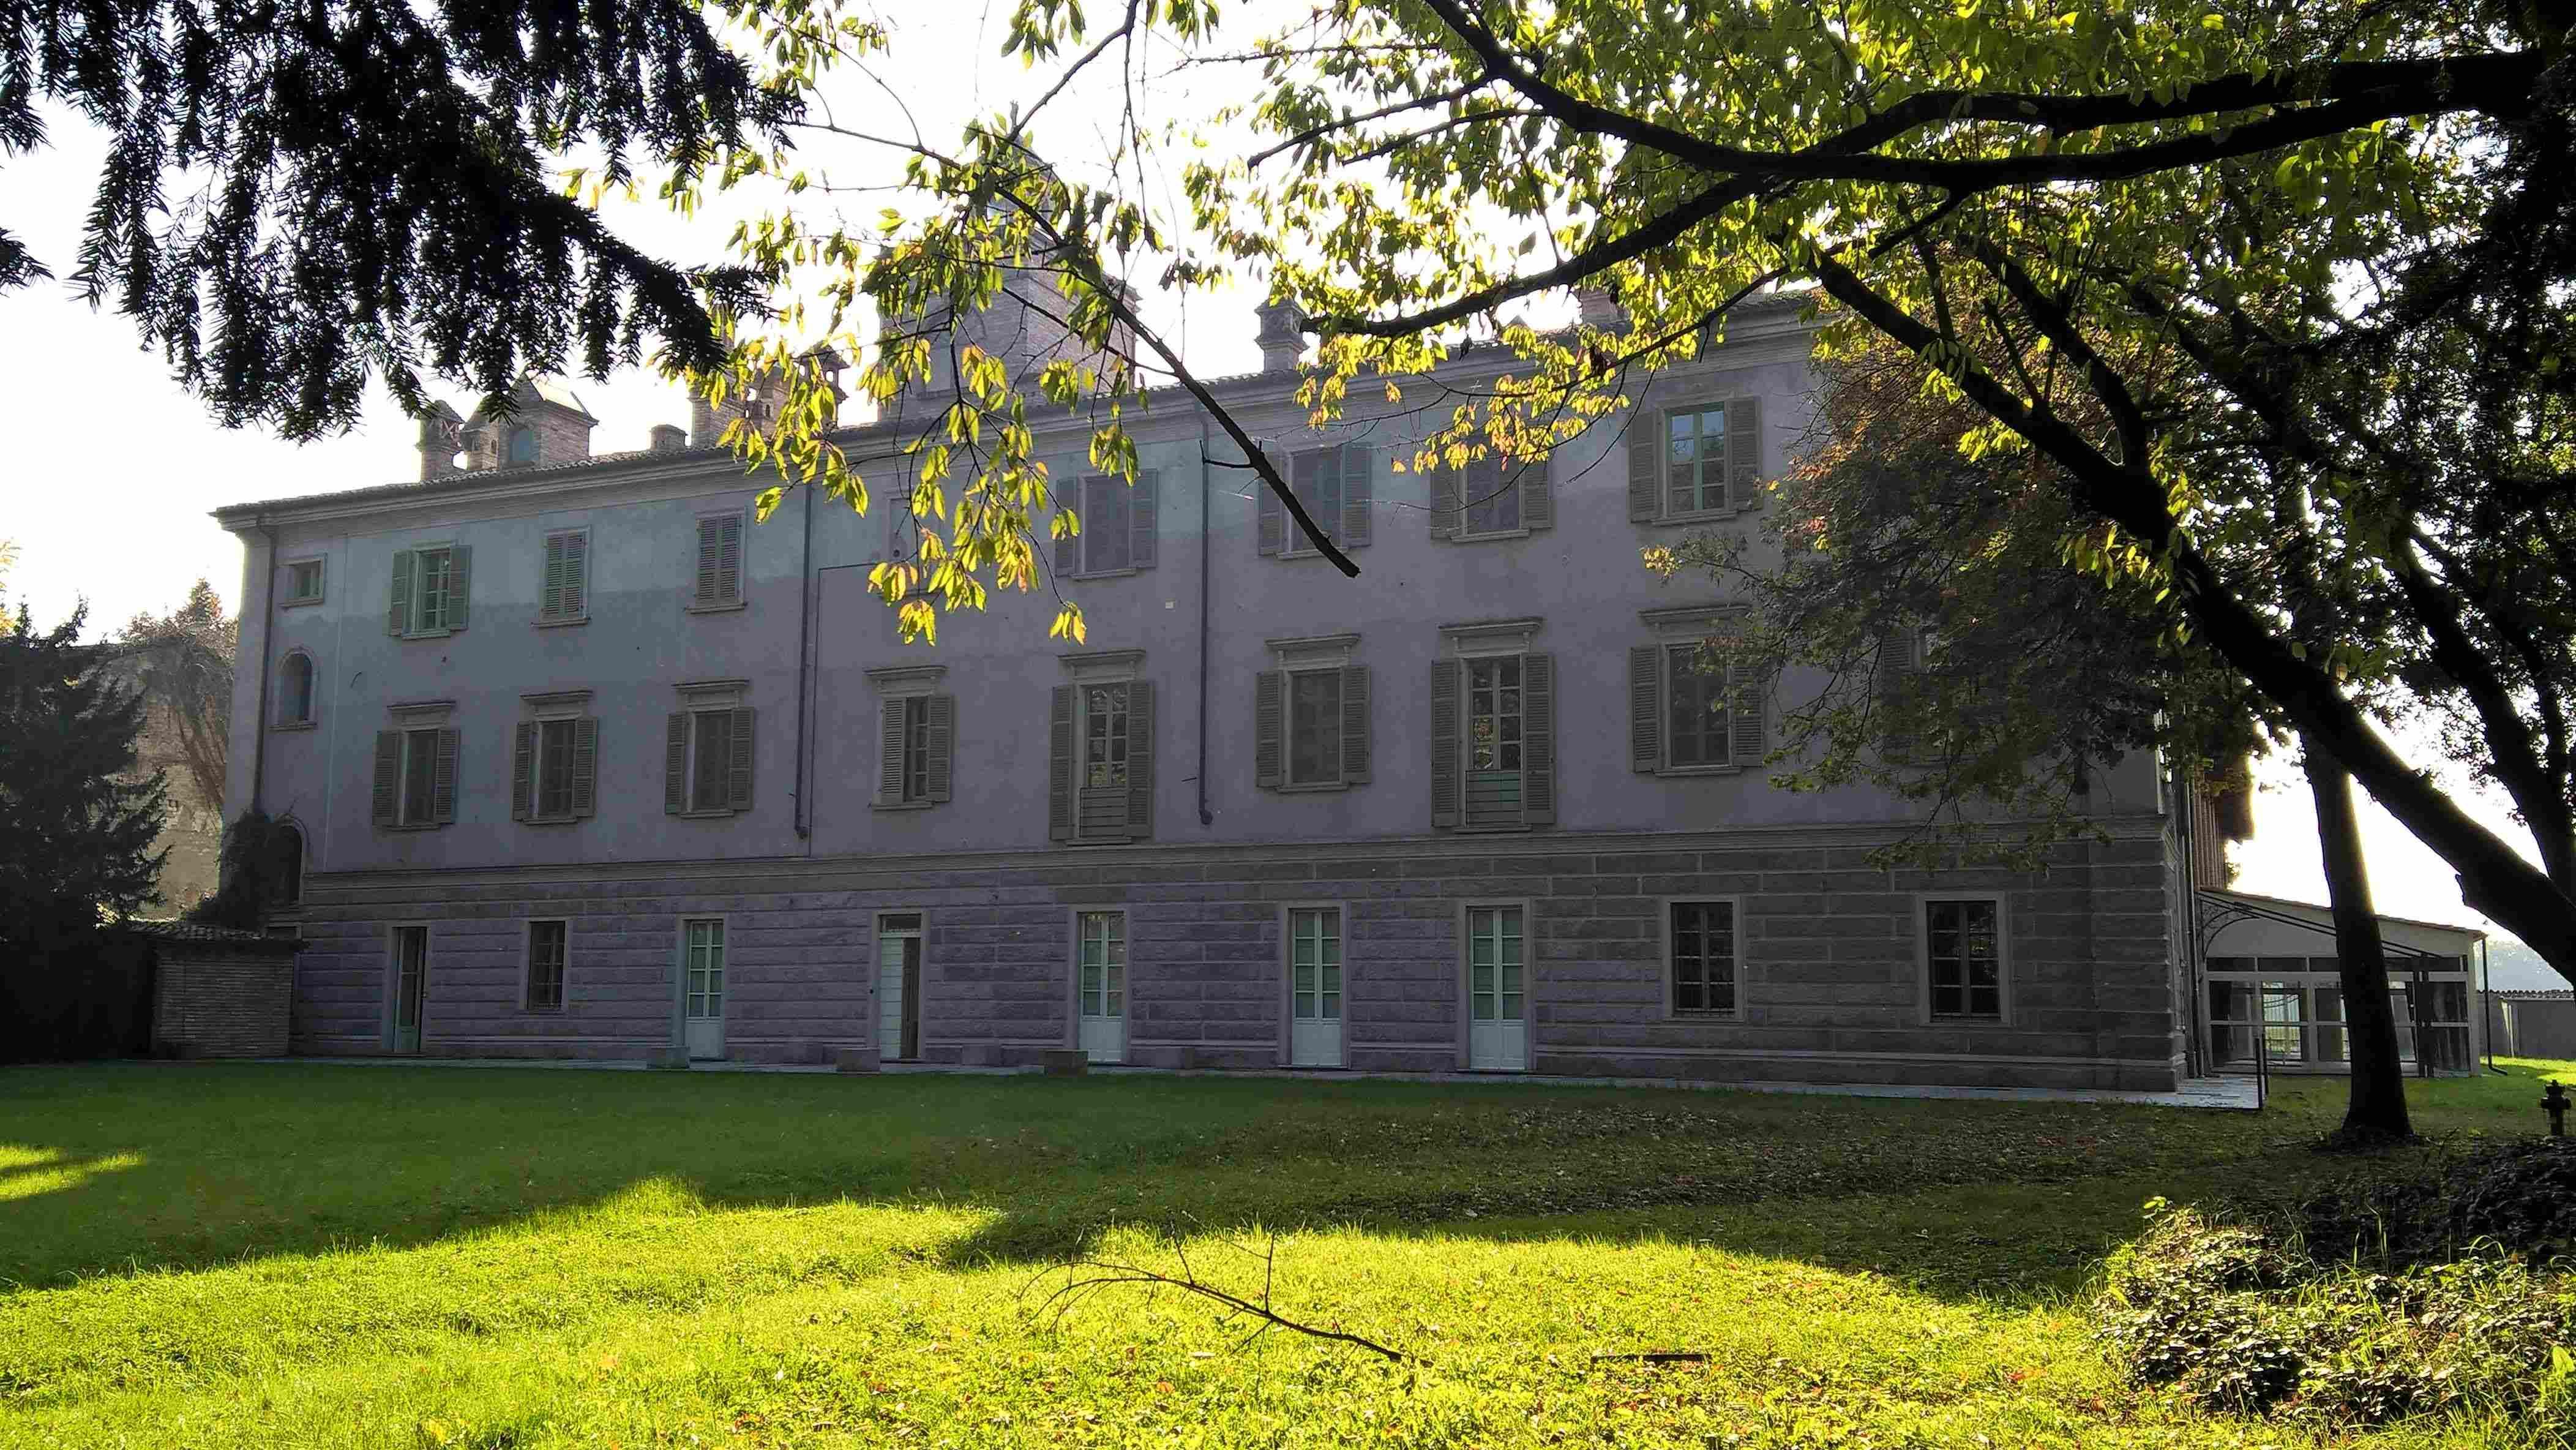 Casa di lusso villa lambertenghi milano for Piani di casa di lusso unici